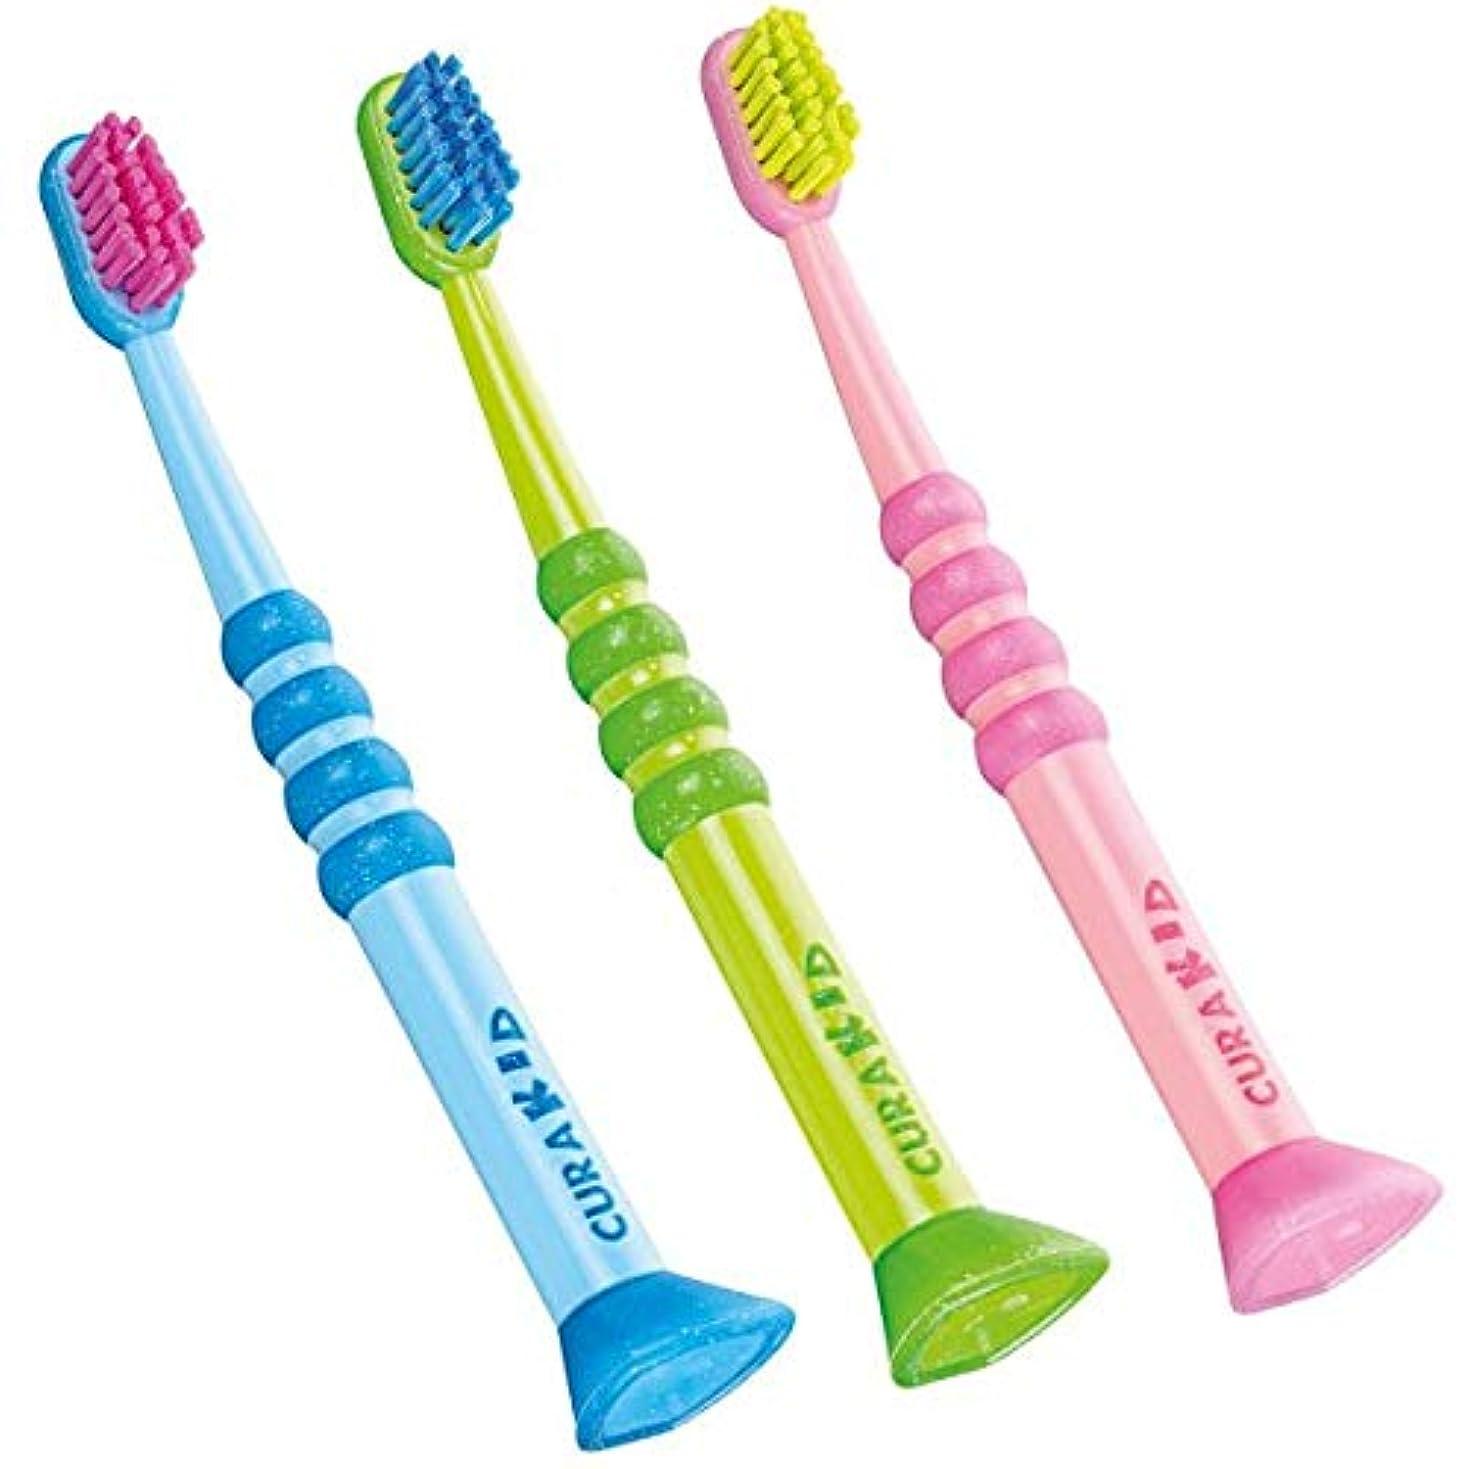 光沢のあるタイプ情熱的クラプロックス 歯ブラシ CK4260 クラキッズ